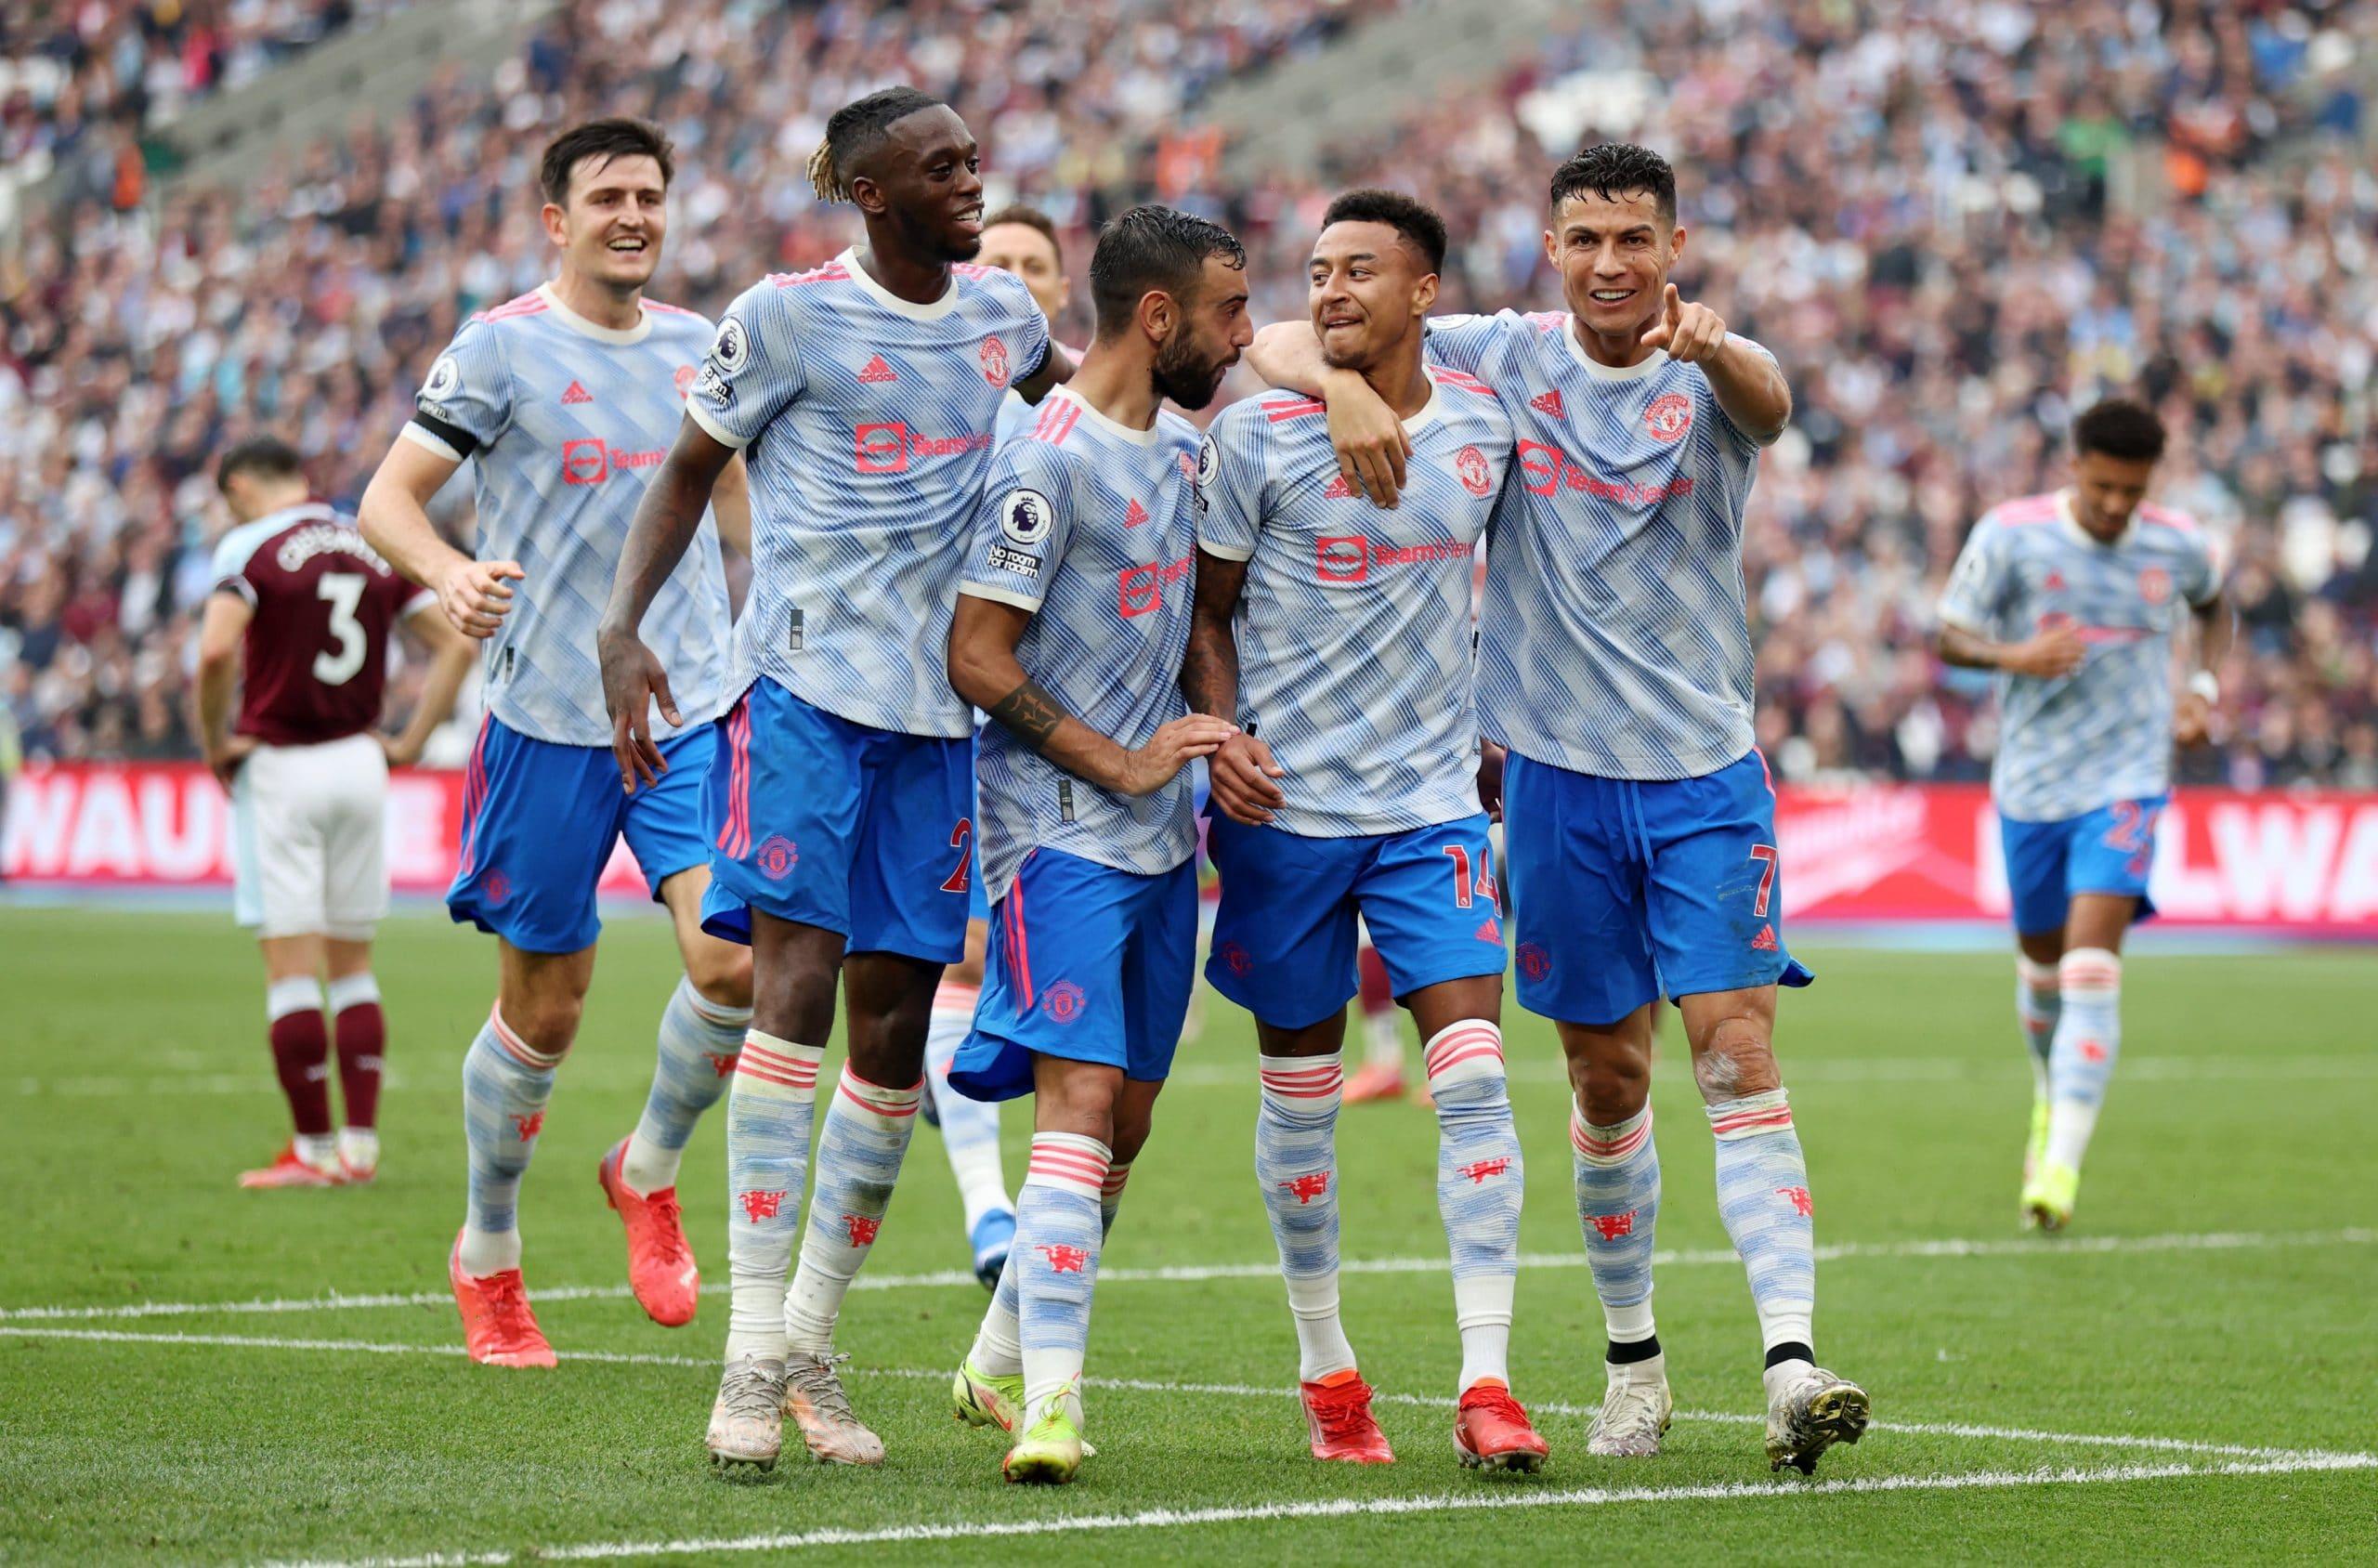 مانشستر يونايتد يحقق الفوز المثير على وست هام يونايتد في الدقيقة الأخيرة (شاهد)